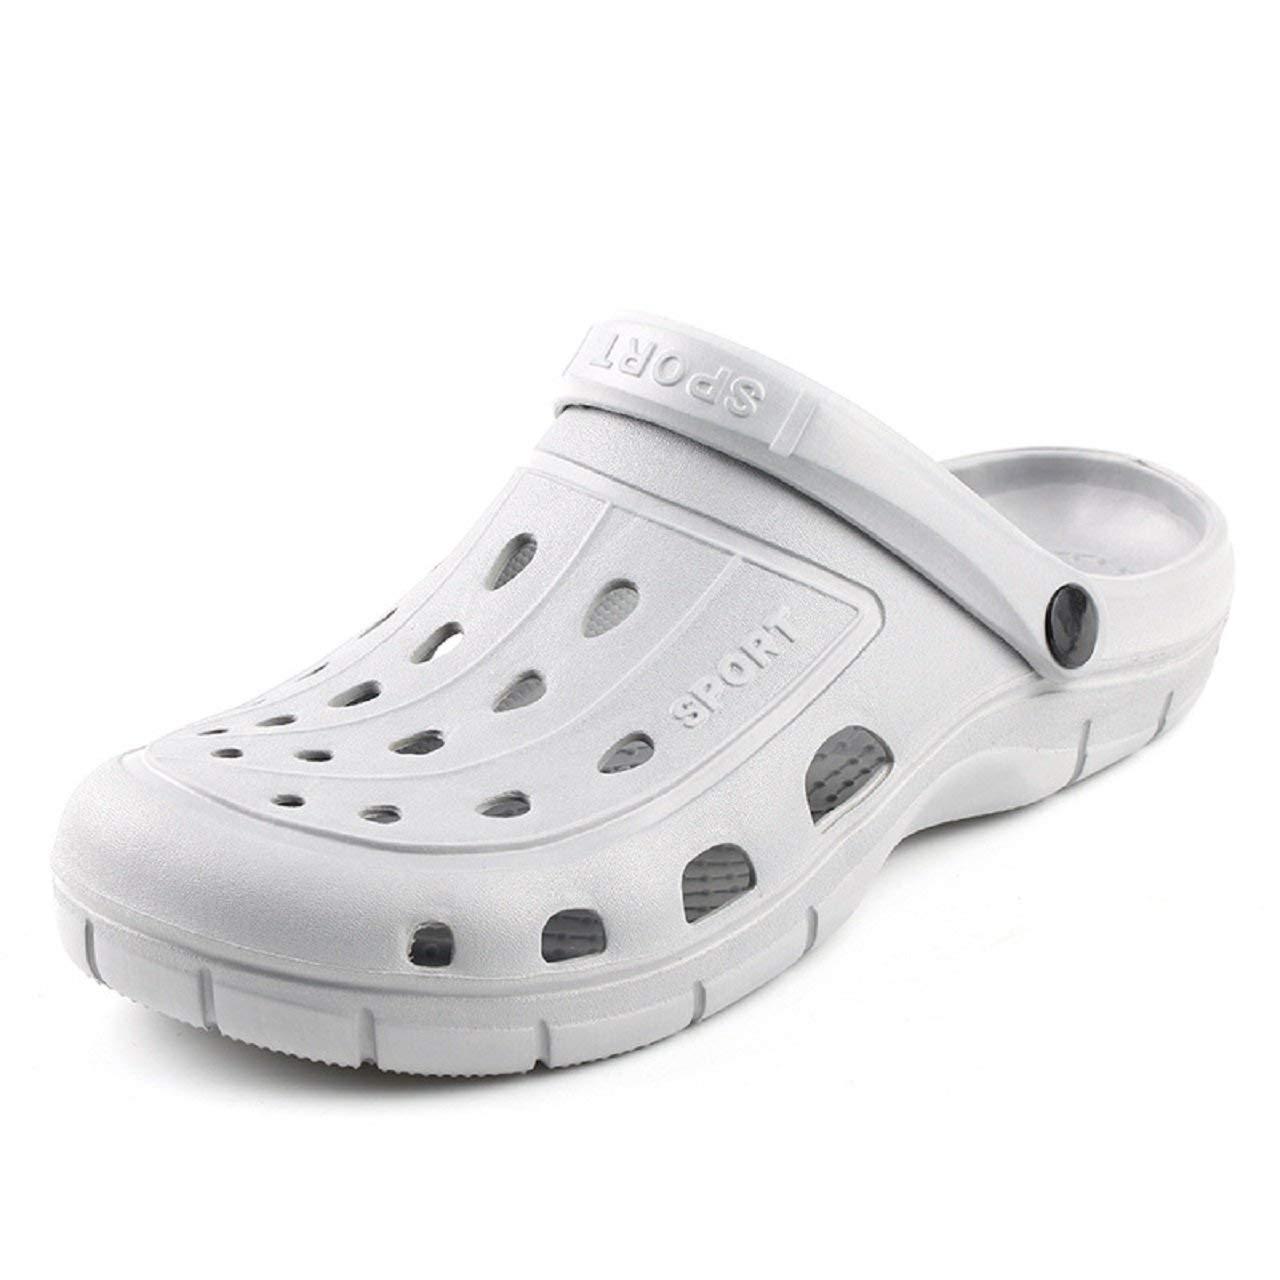 3421a4d6c79f Get Quotations · Kurop Mens Garden Shoes Summer Beach Sports EVA Clogs  Sandal Slippers